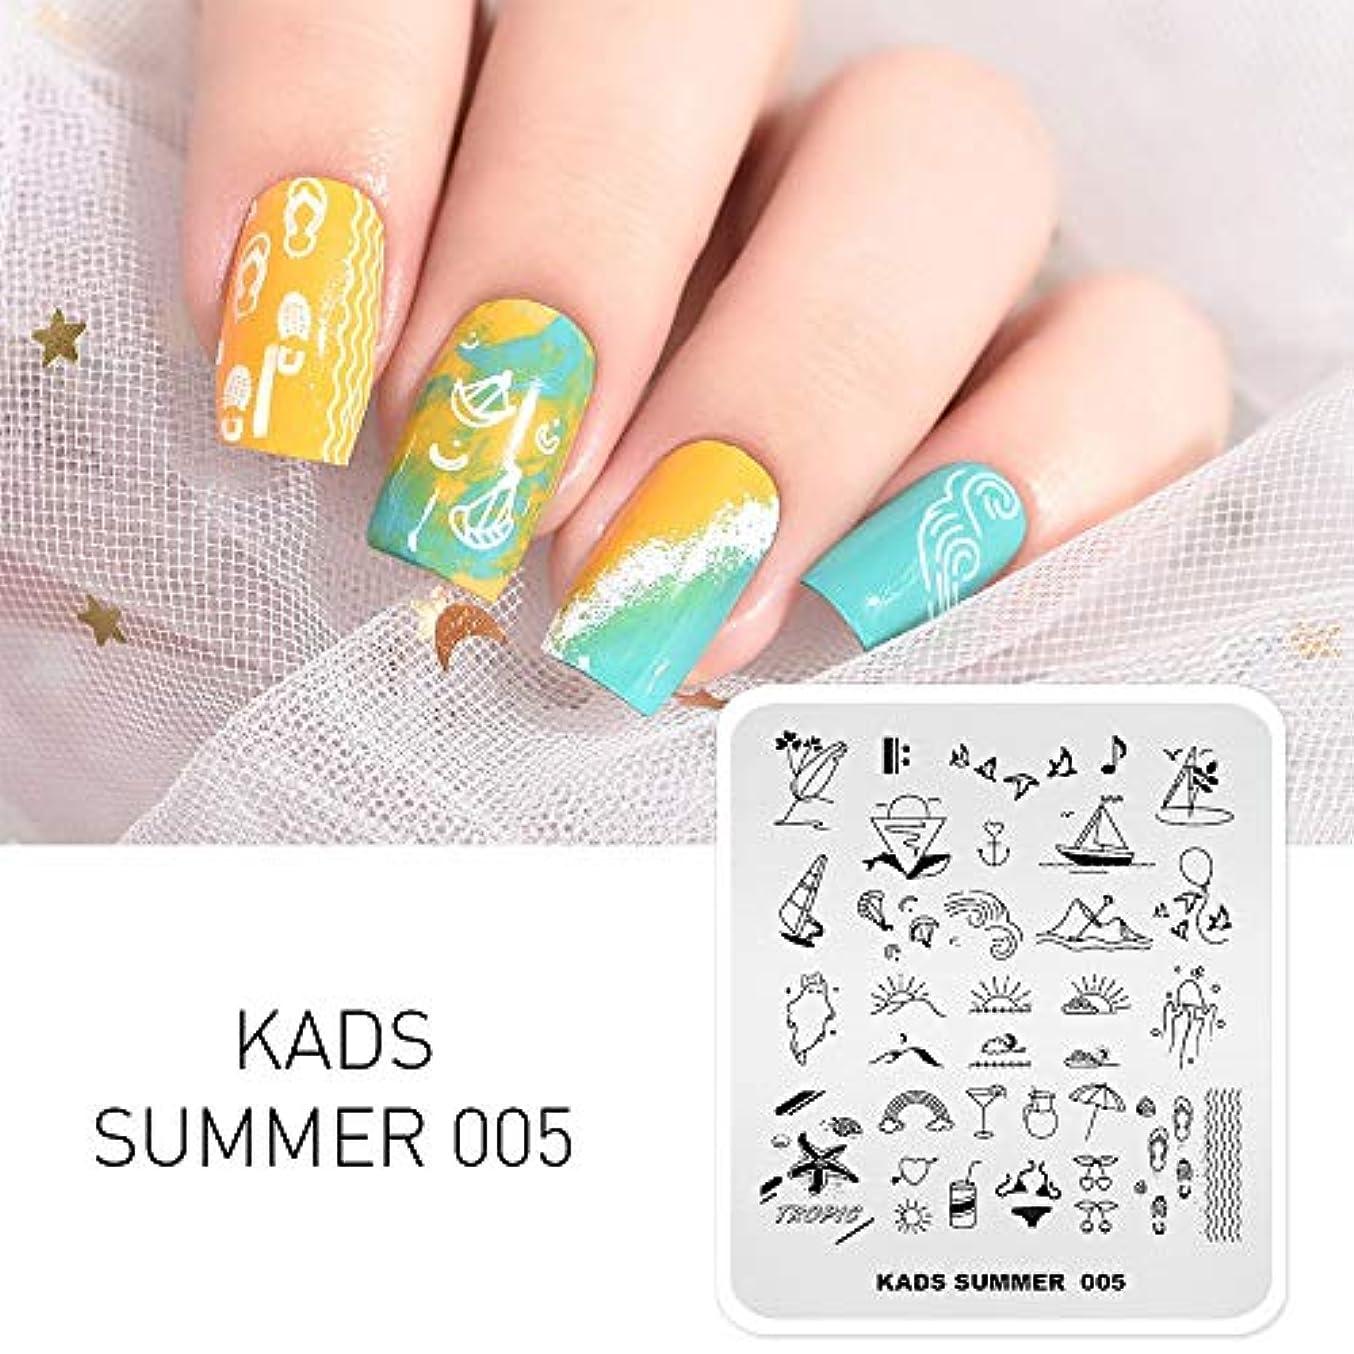 強風怪しい手KADS ネイルスタンピングプレート ネイルプレート 夏の日々 日光ビーチ系 ネイルイメージプレート ネイルアート道具 (SU005)